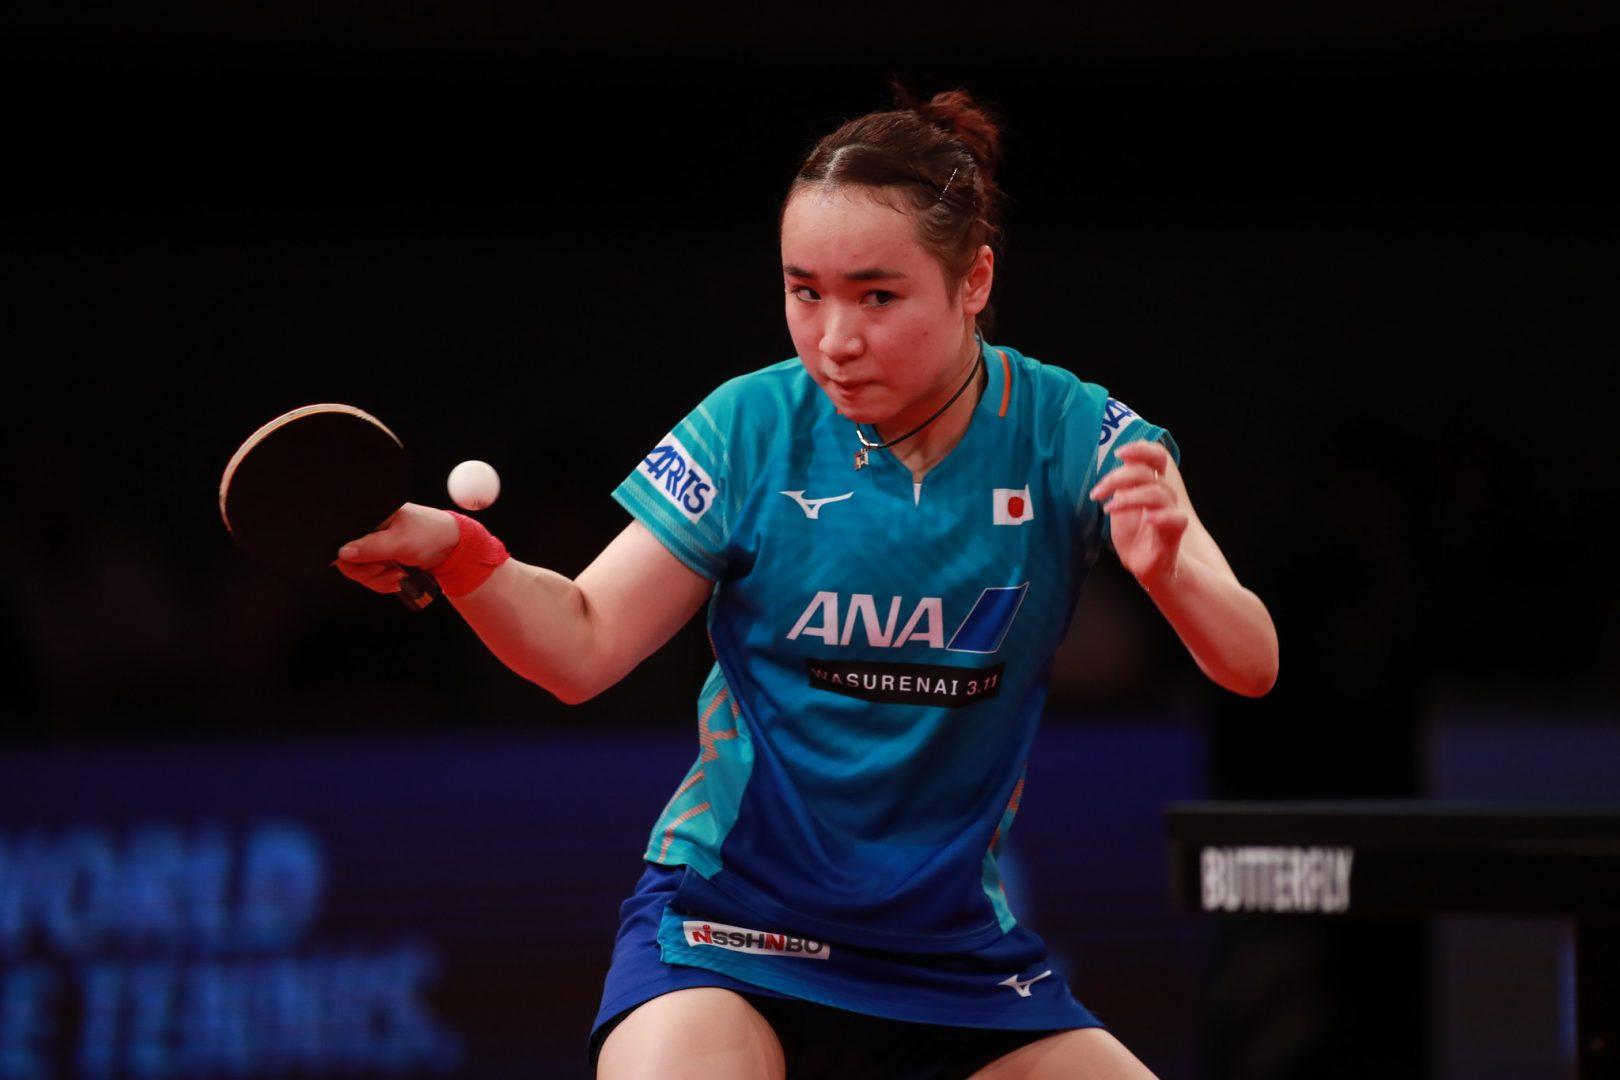 卓球女子世界ランキング(11月発表)|2大会連続準優勝・伊藤美誠がポイントを加算